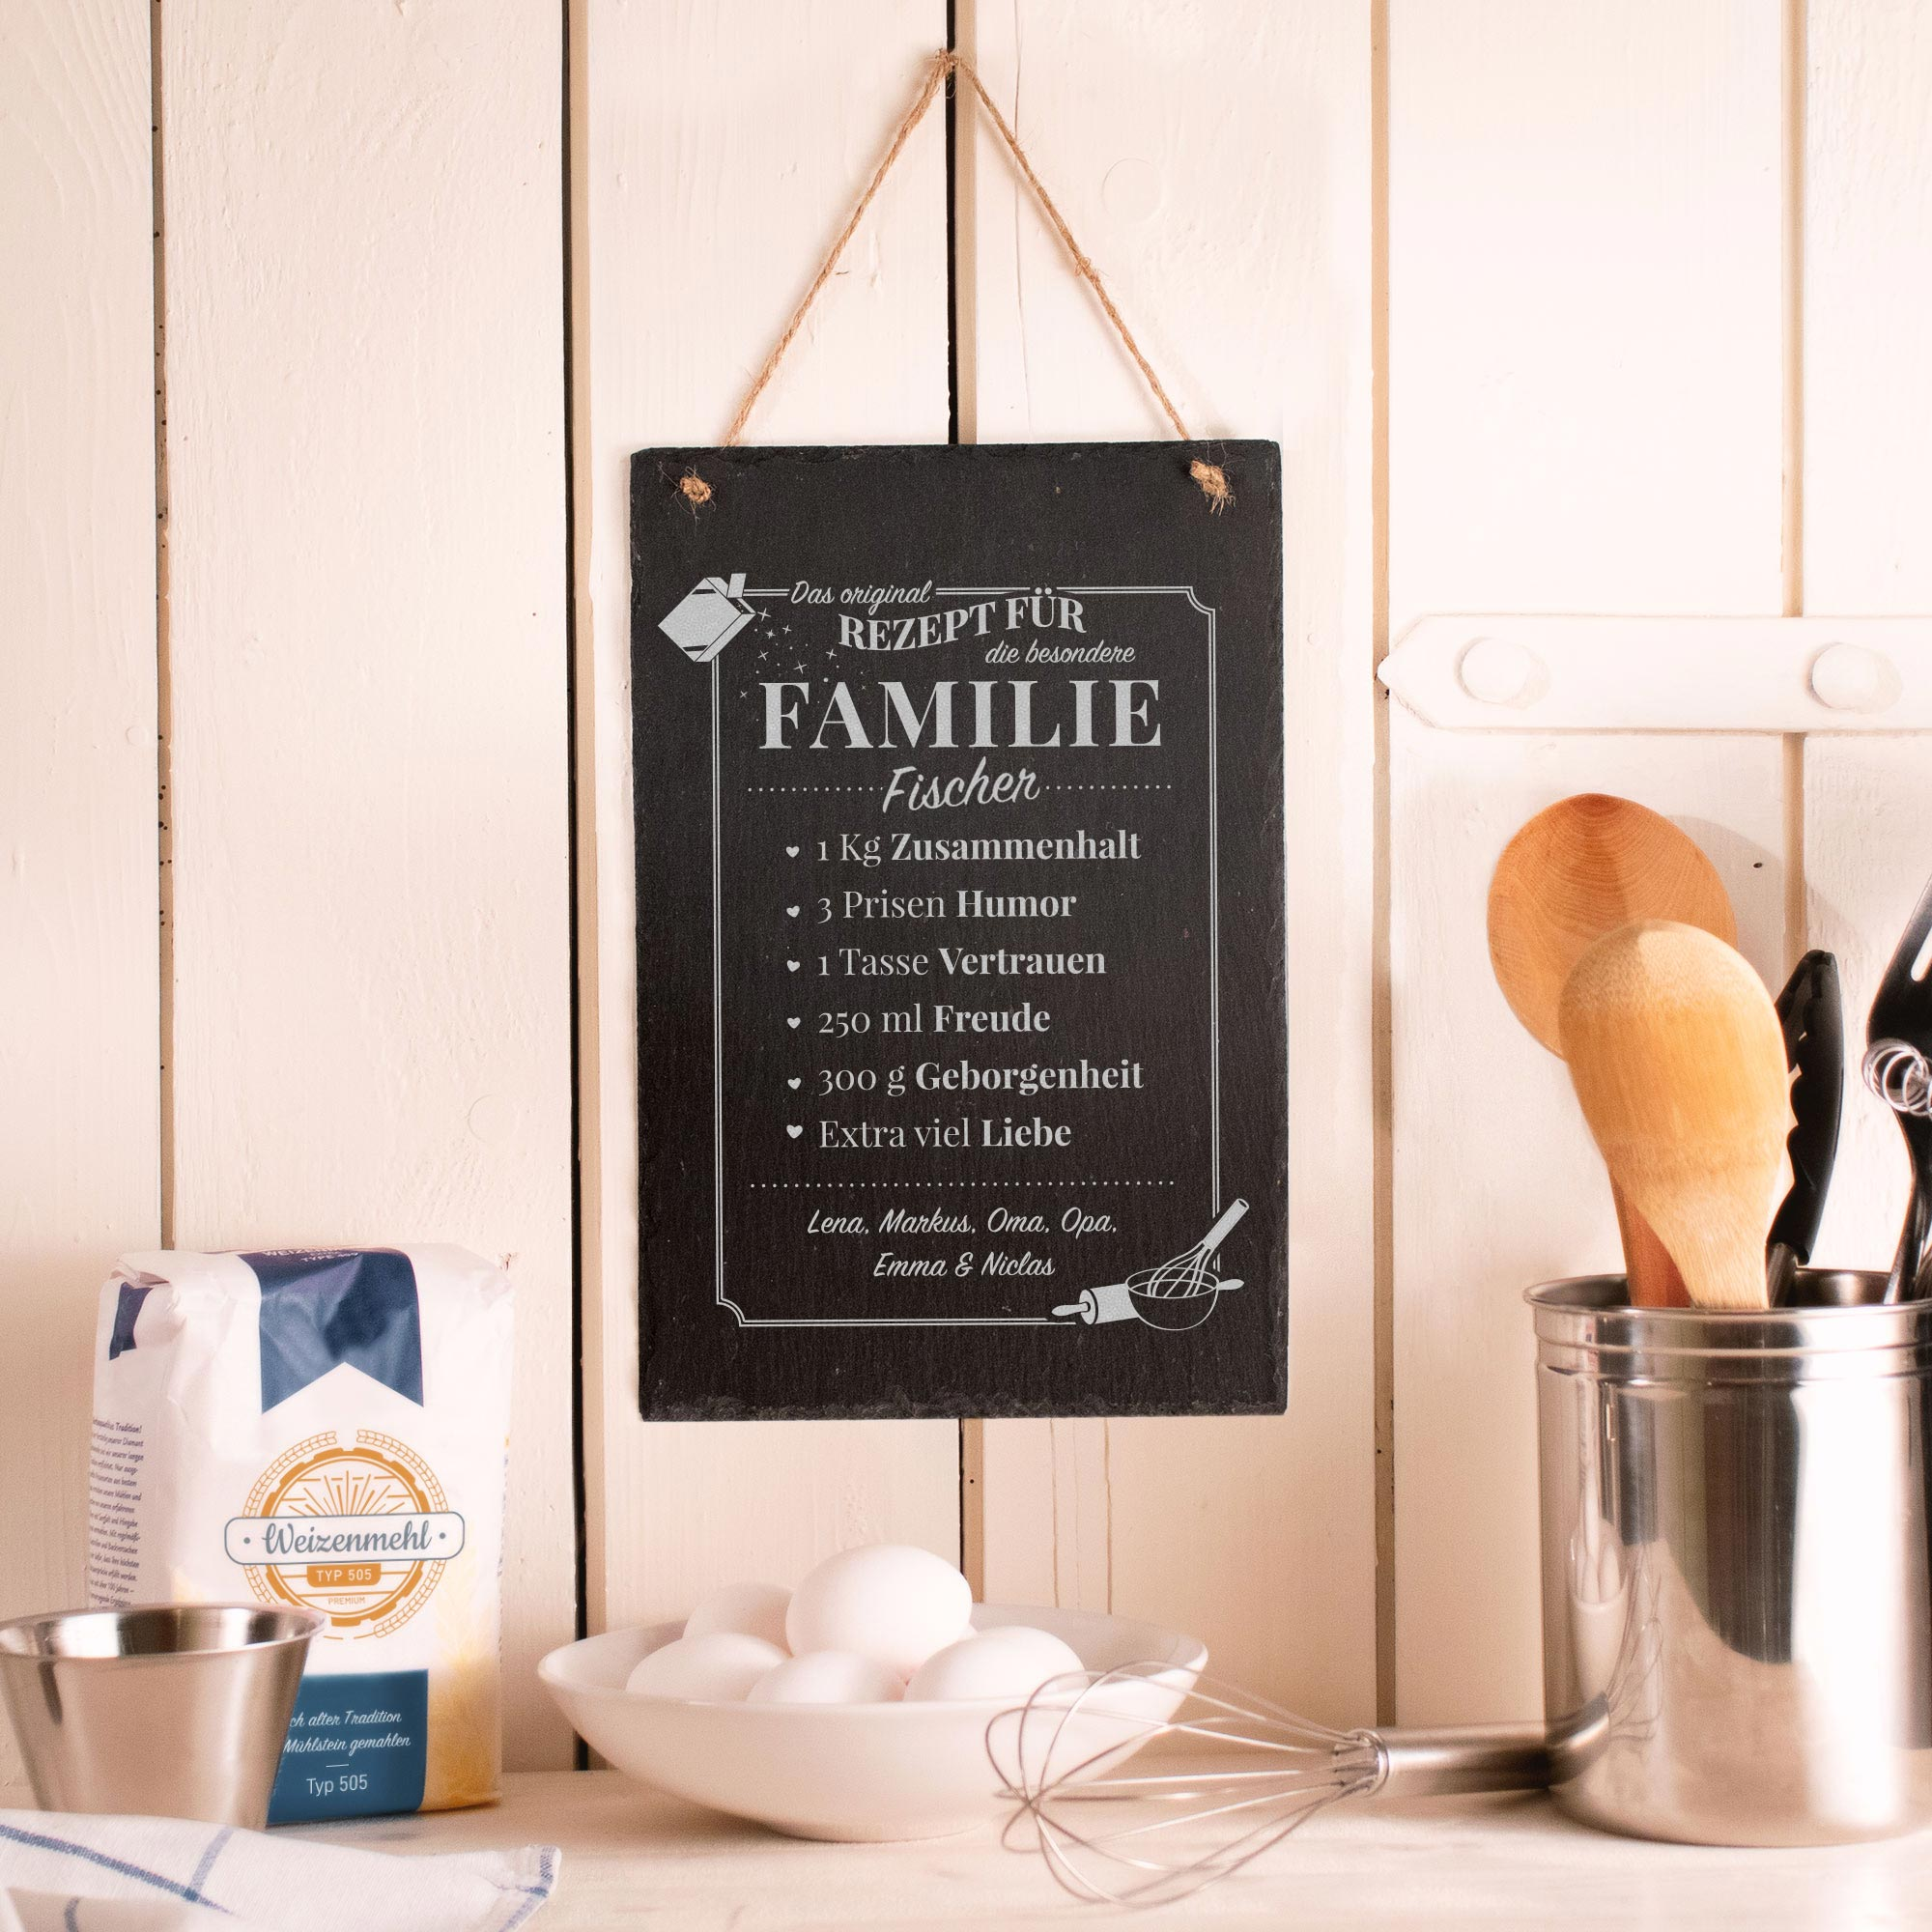 Personalisierte Schiefertafel mit Gravur Rezept Familie - Groß